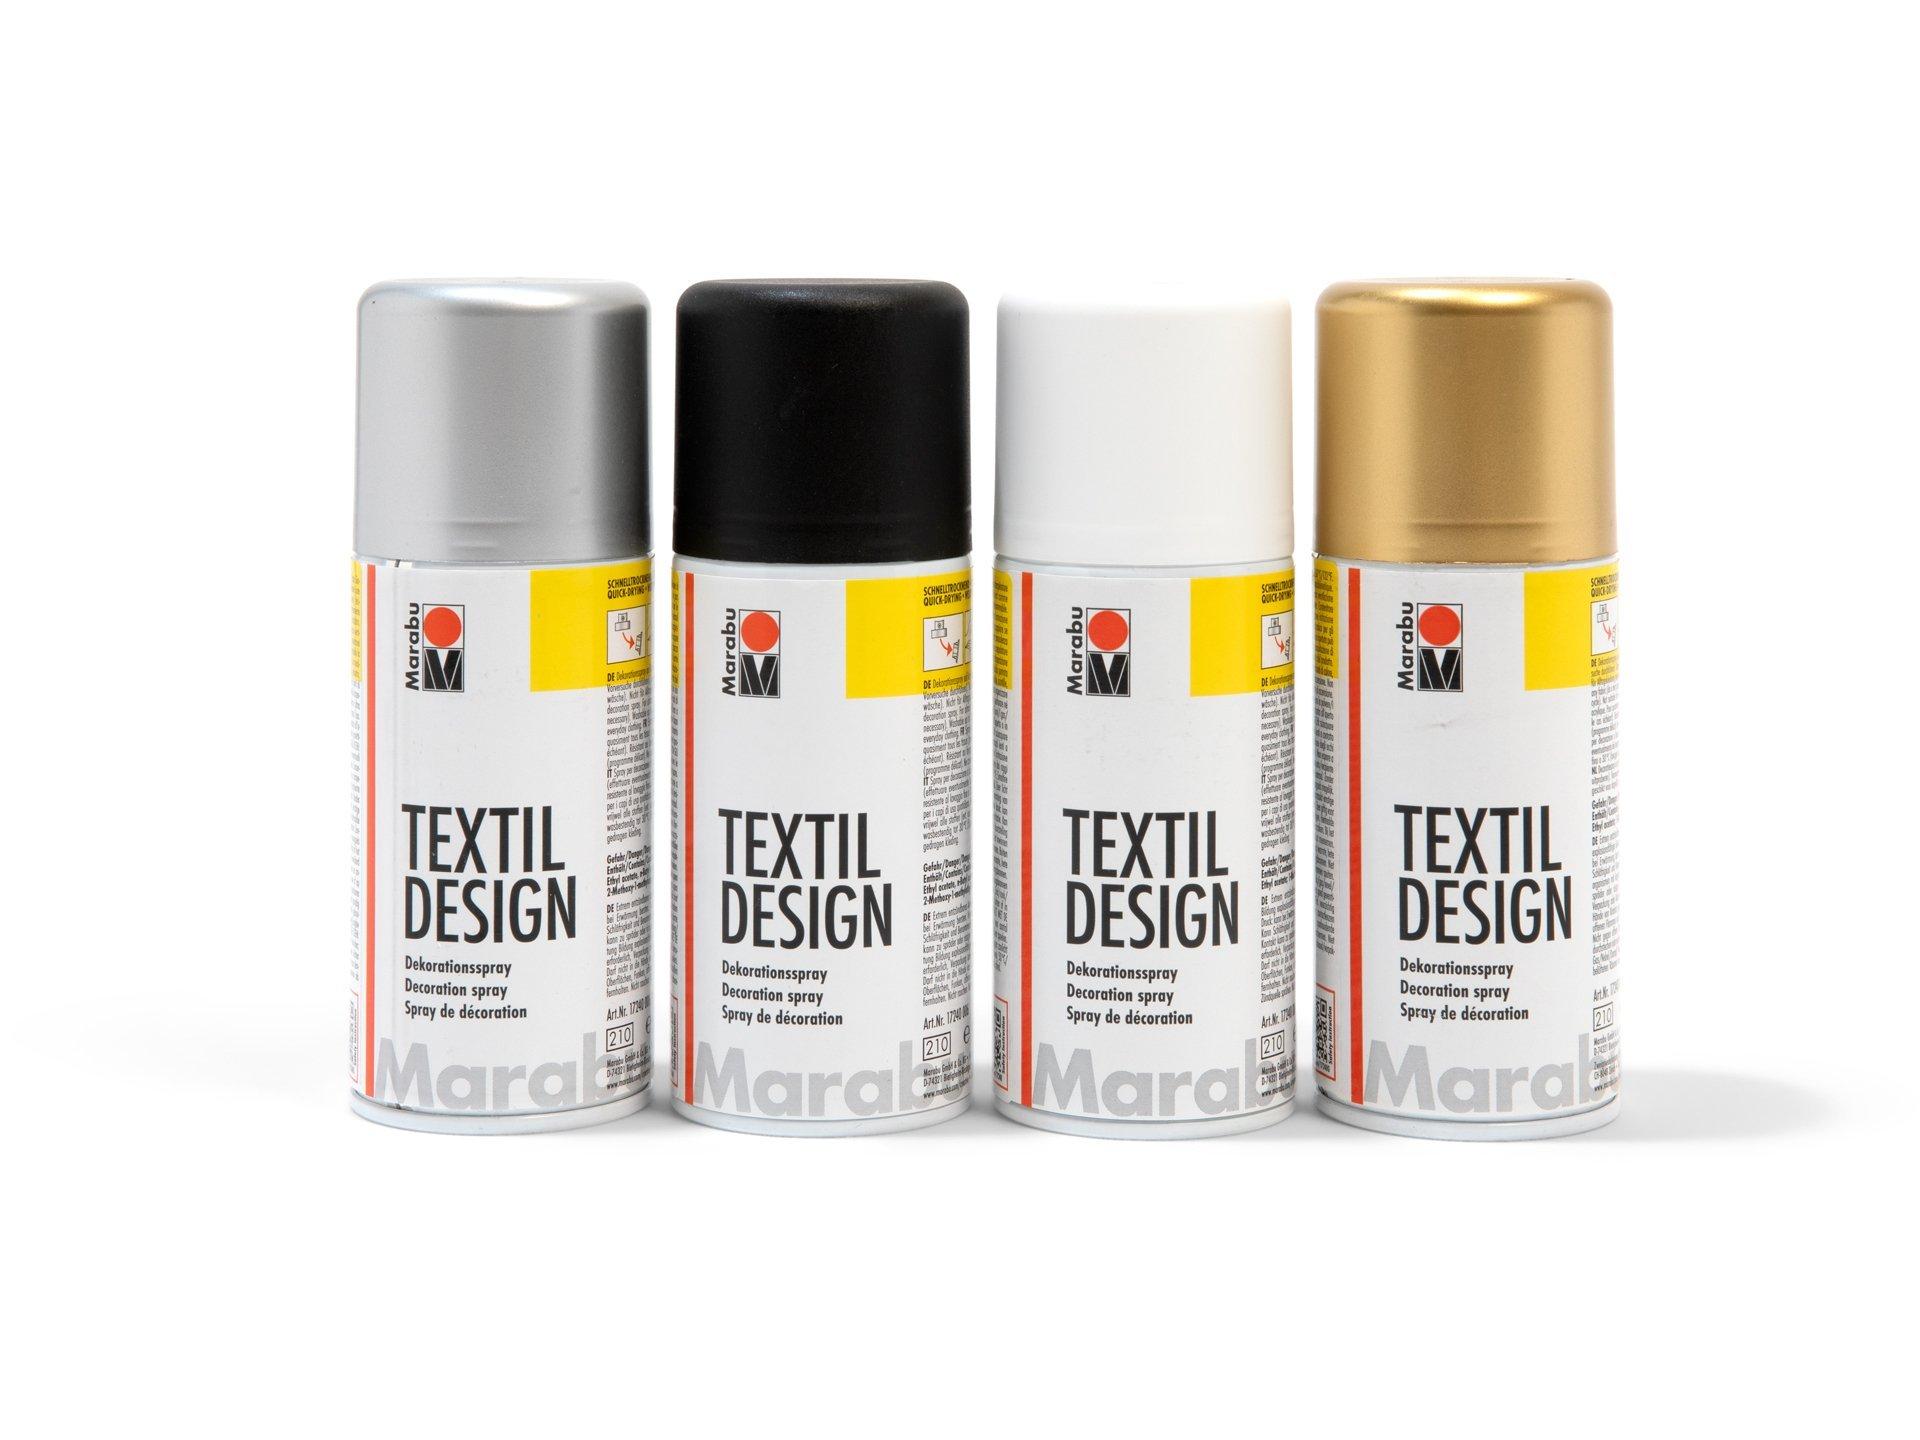 marabu textildesign spr hfarbe f r textilien kaufen modulor. Black Bedroom Furniture Sets. Home Design Ideas